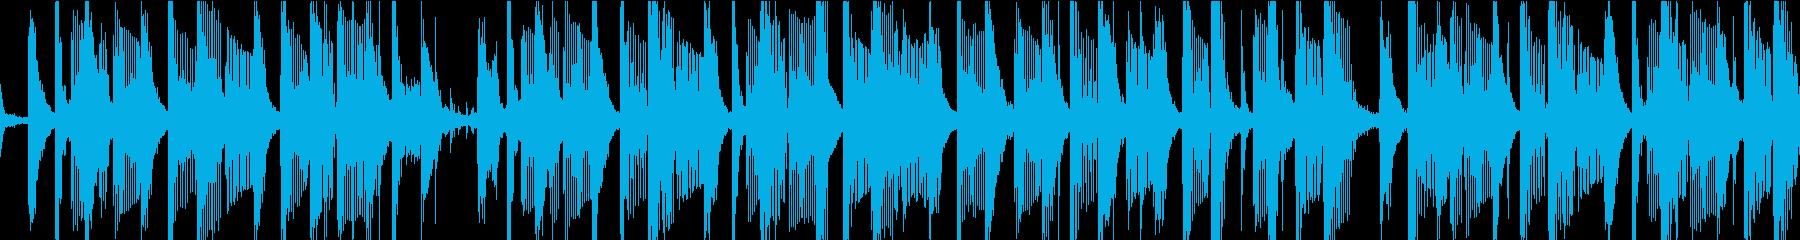 きれいに流れるレゲエトラック。穏や...の再生済みの波形